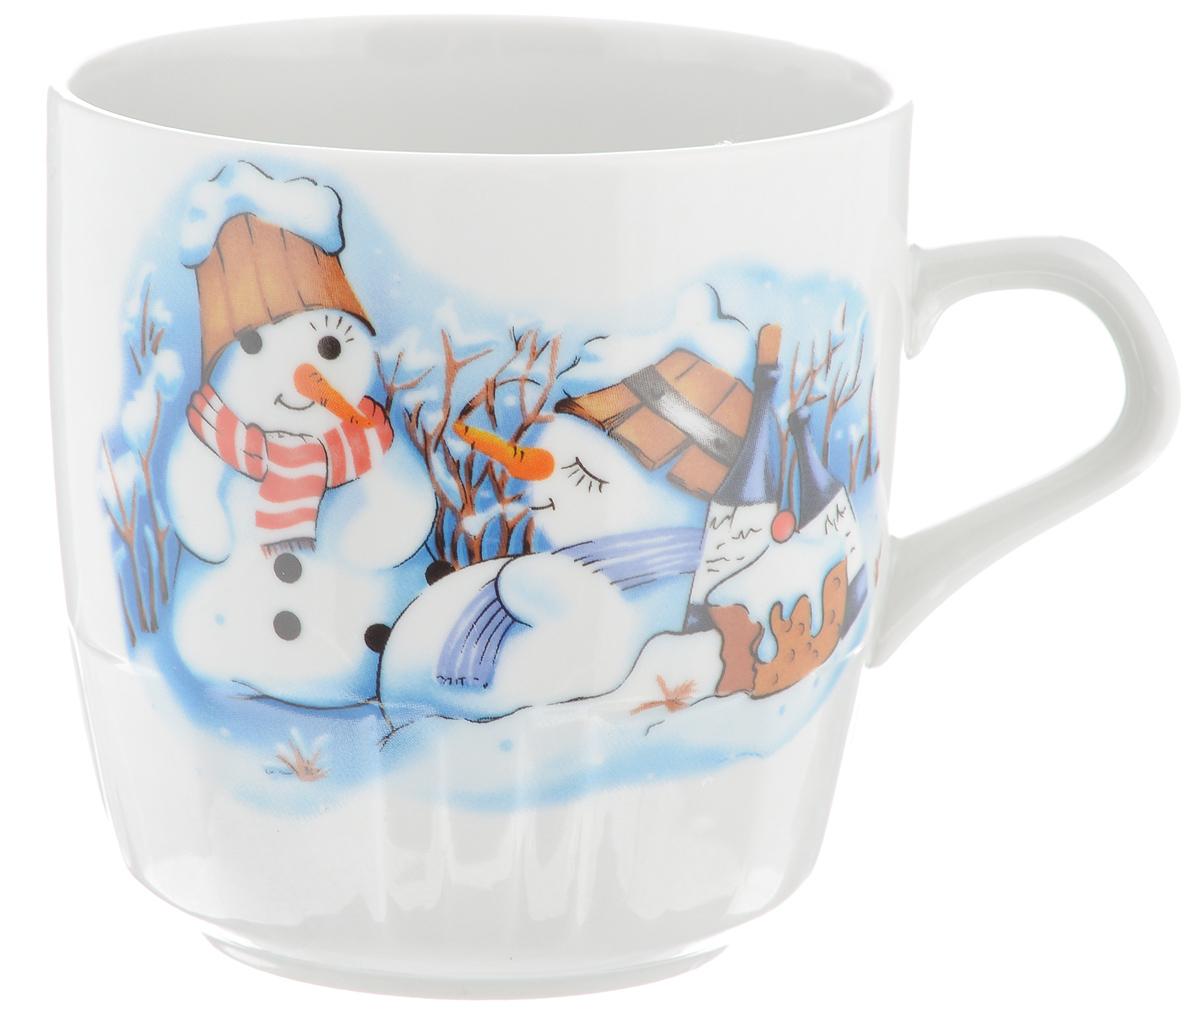 Кружка Фарфор Вербилок Снеговики, 250 мл5812140Красивая кружка Фарфор Вербилок Снеговики способна скрасить любое чаепитие. Изделие выполнено из высококачественного фарфора и украшена рисунком. Посуда из такого материала позволяет сохранить истинный вкус напитка, а также помогает ему дольше оставаться теплым. Объем кружки: 250 мл. Диаметр по верхнему краю: 8 см. Диаметр основания: 5,2 см. Высота кружки: 8,5 см.